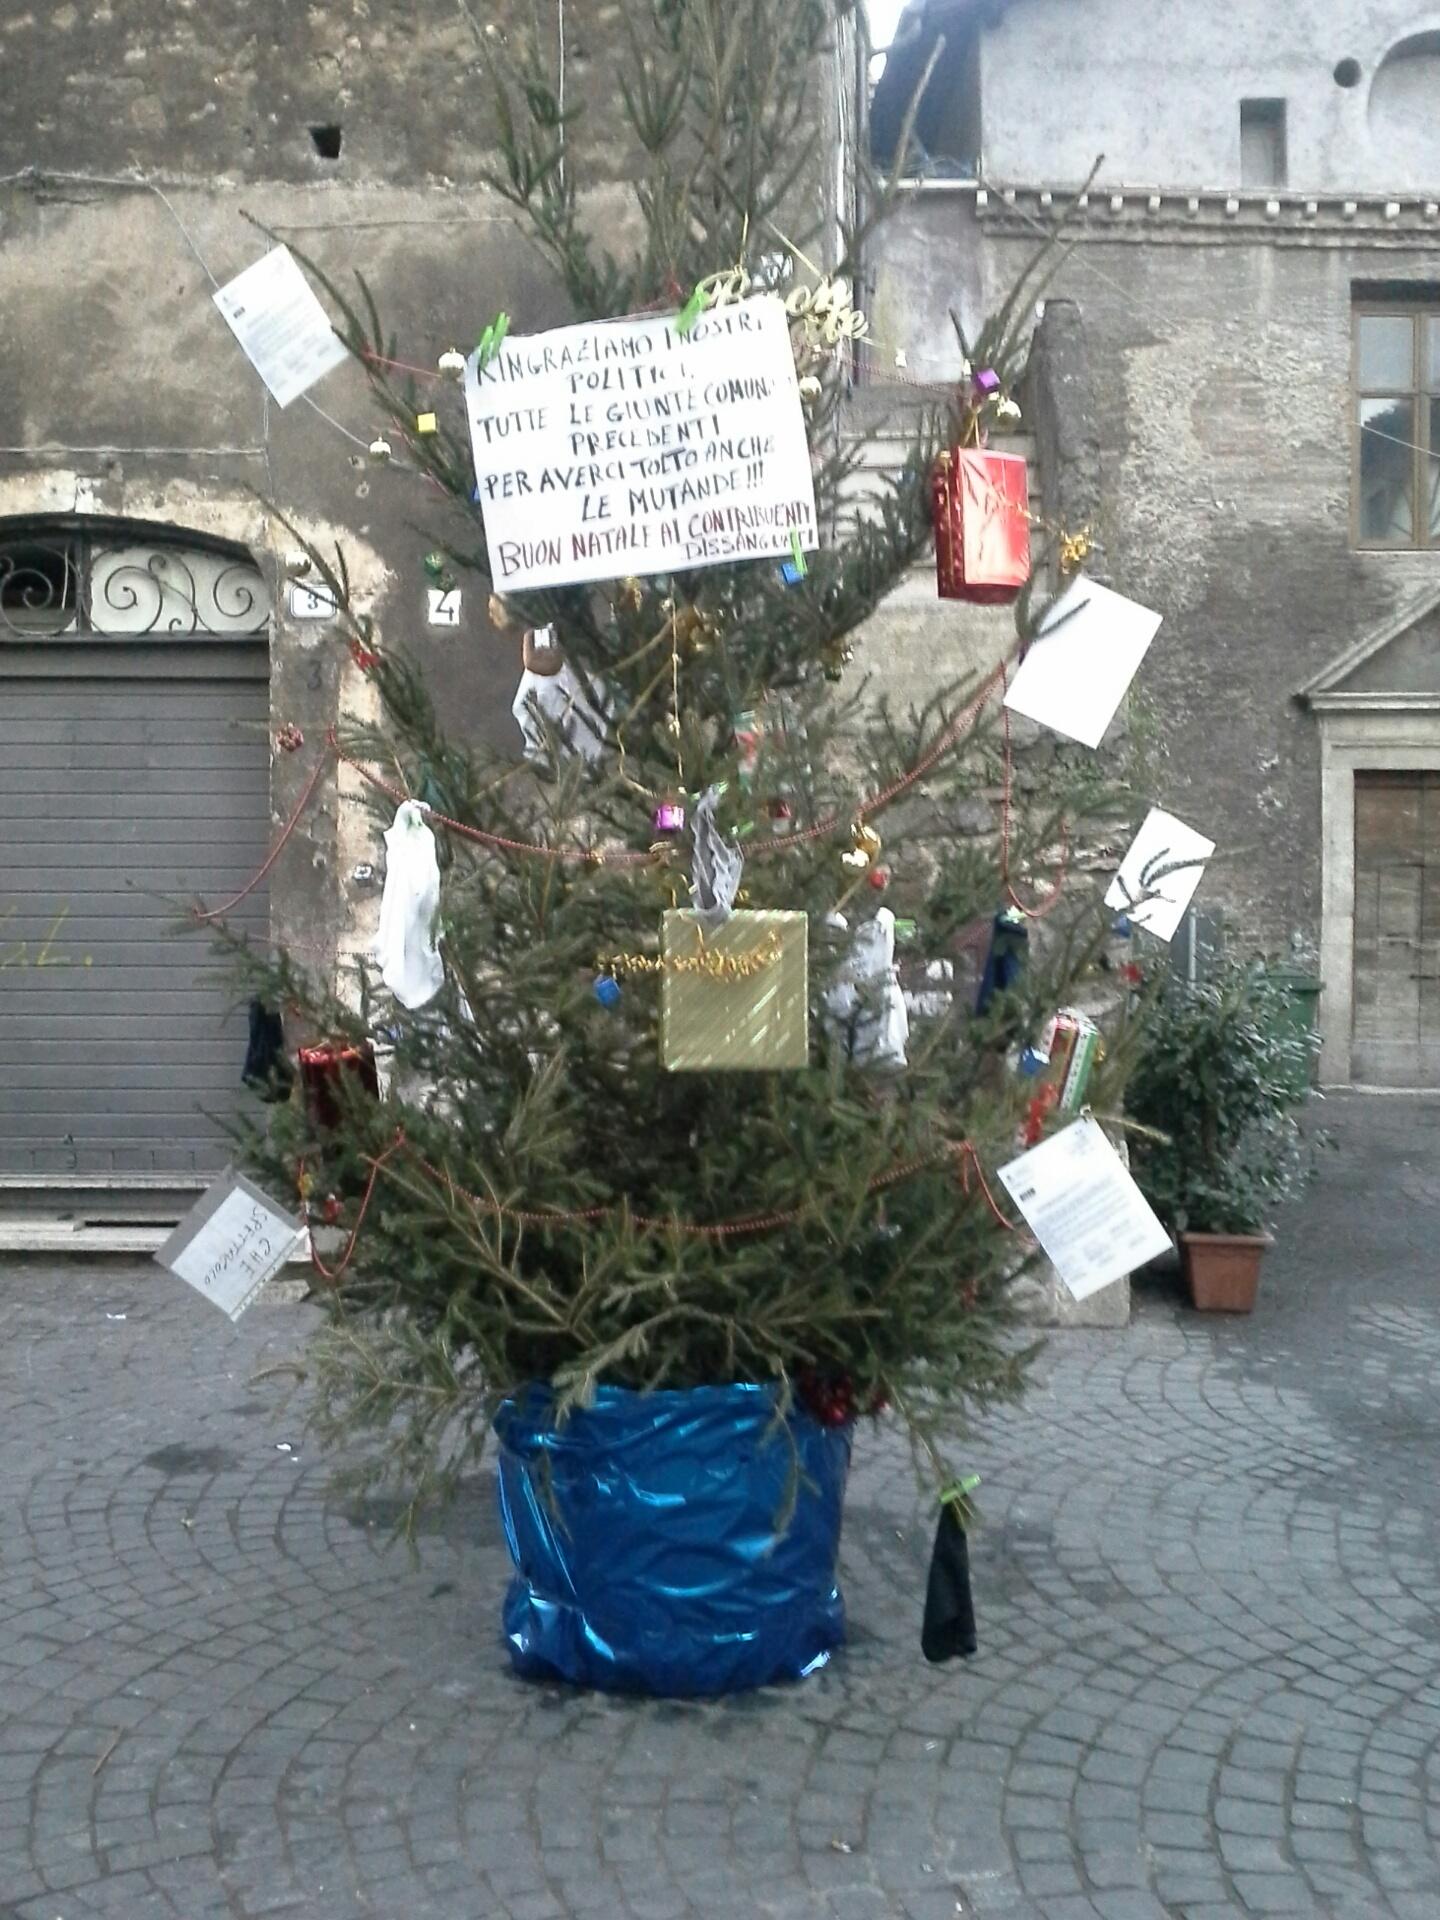 vendita più economica sito autorizzato shopping Tivoli: albero di Natale contro il